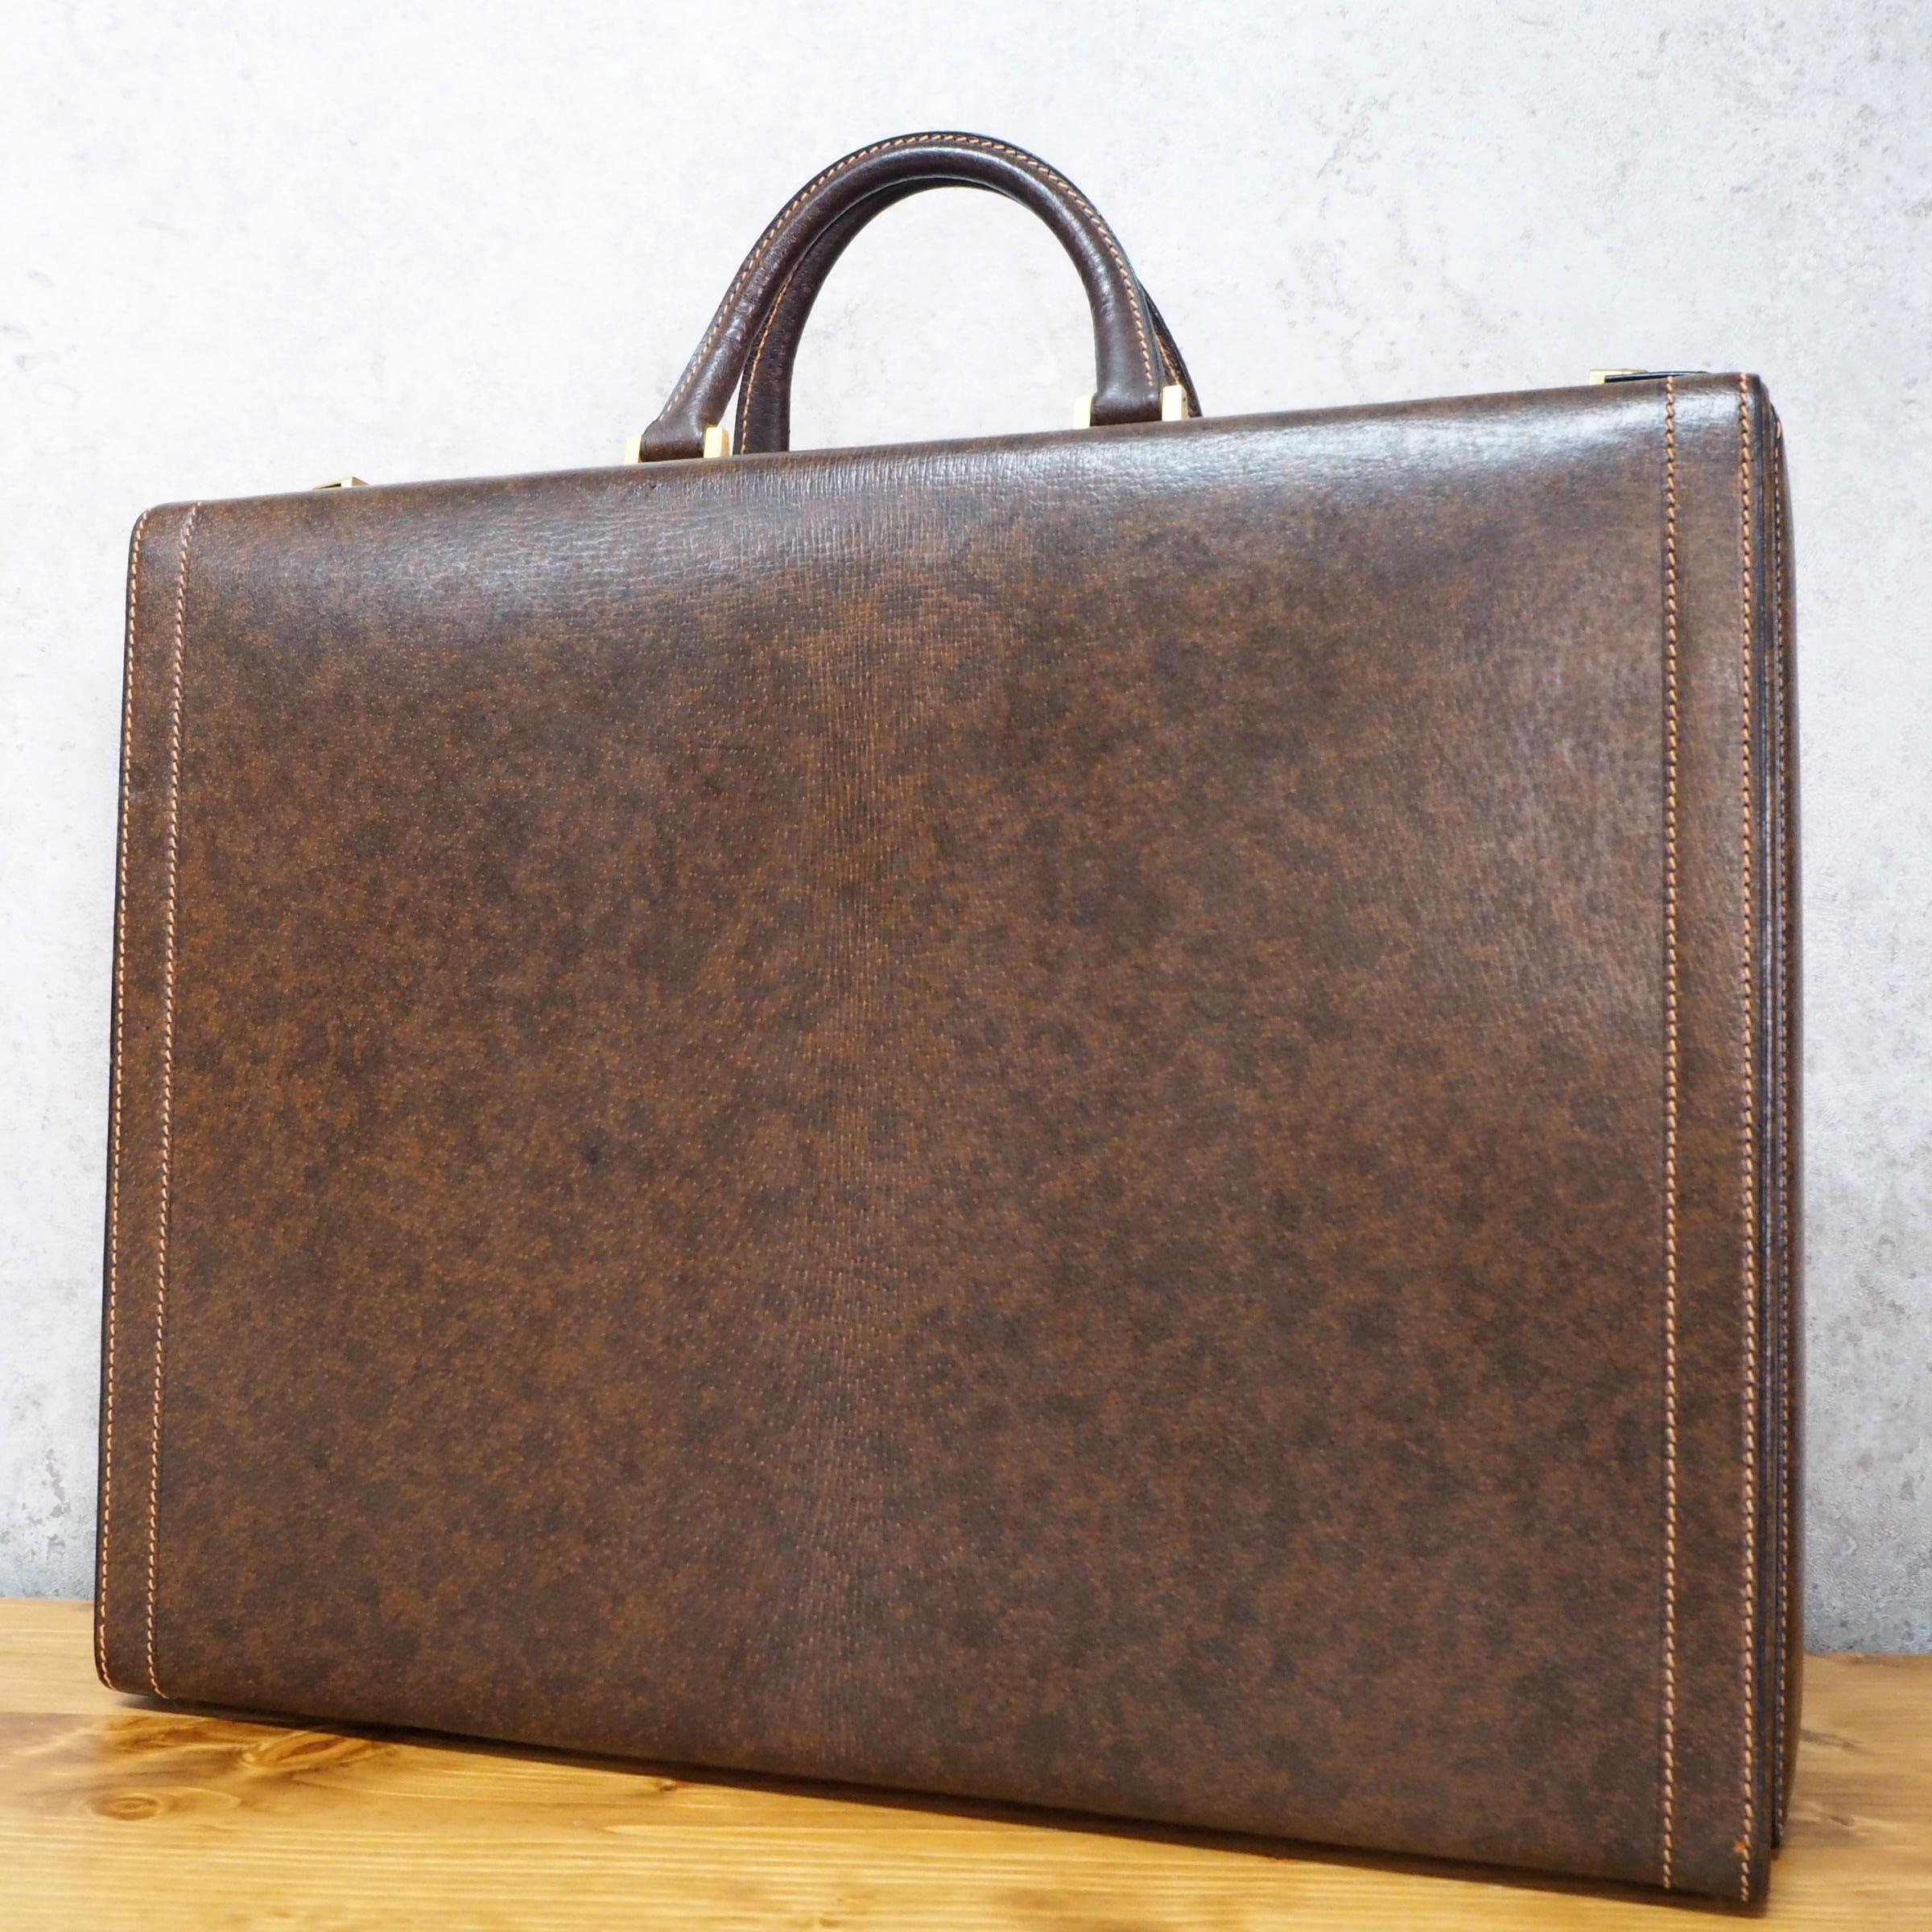 メンズバッグ, ビジネスバッグ・ブリーフケース  OLDGUCCI 1970 70s